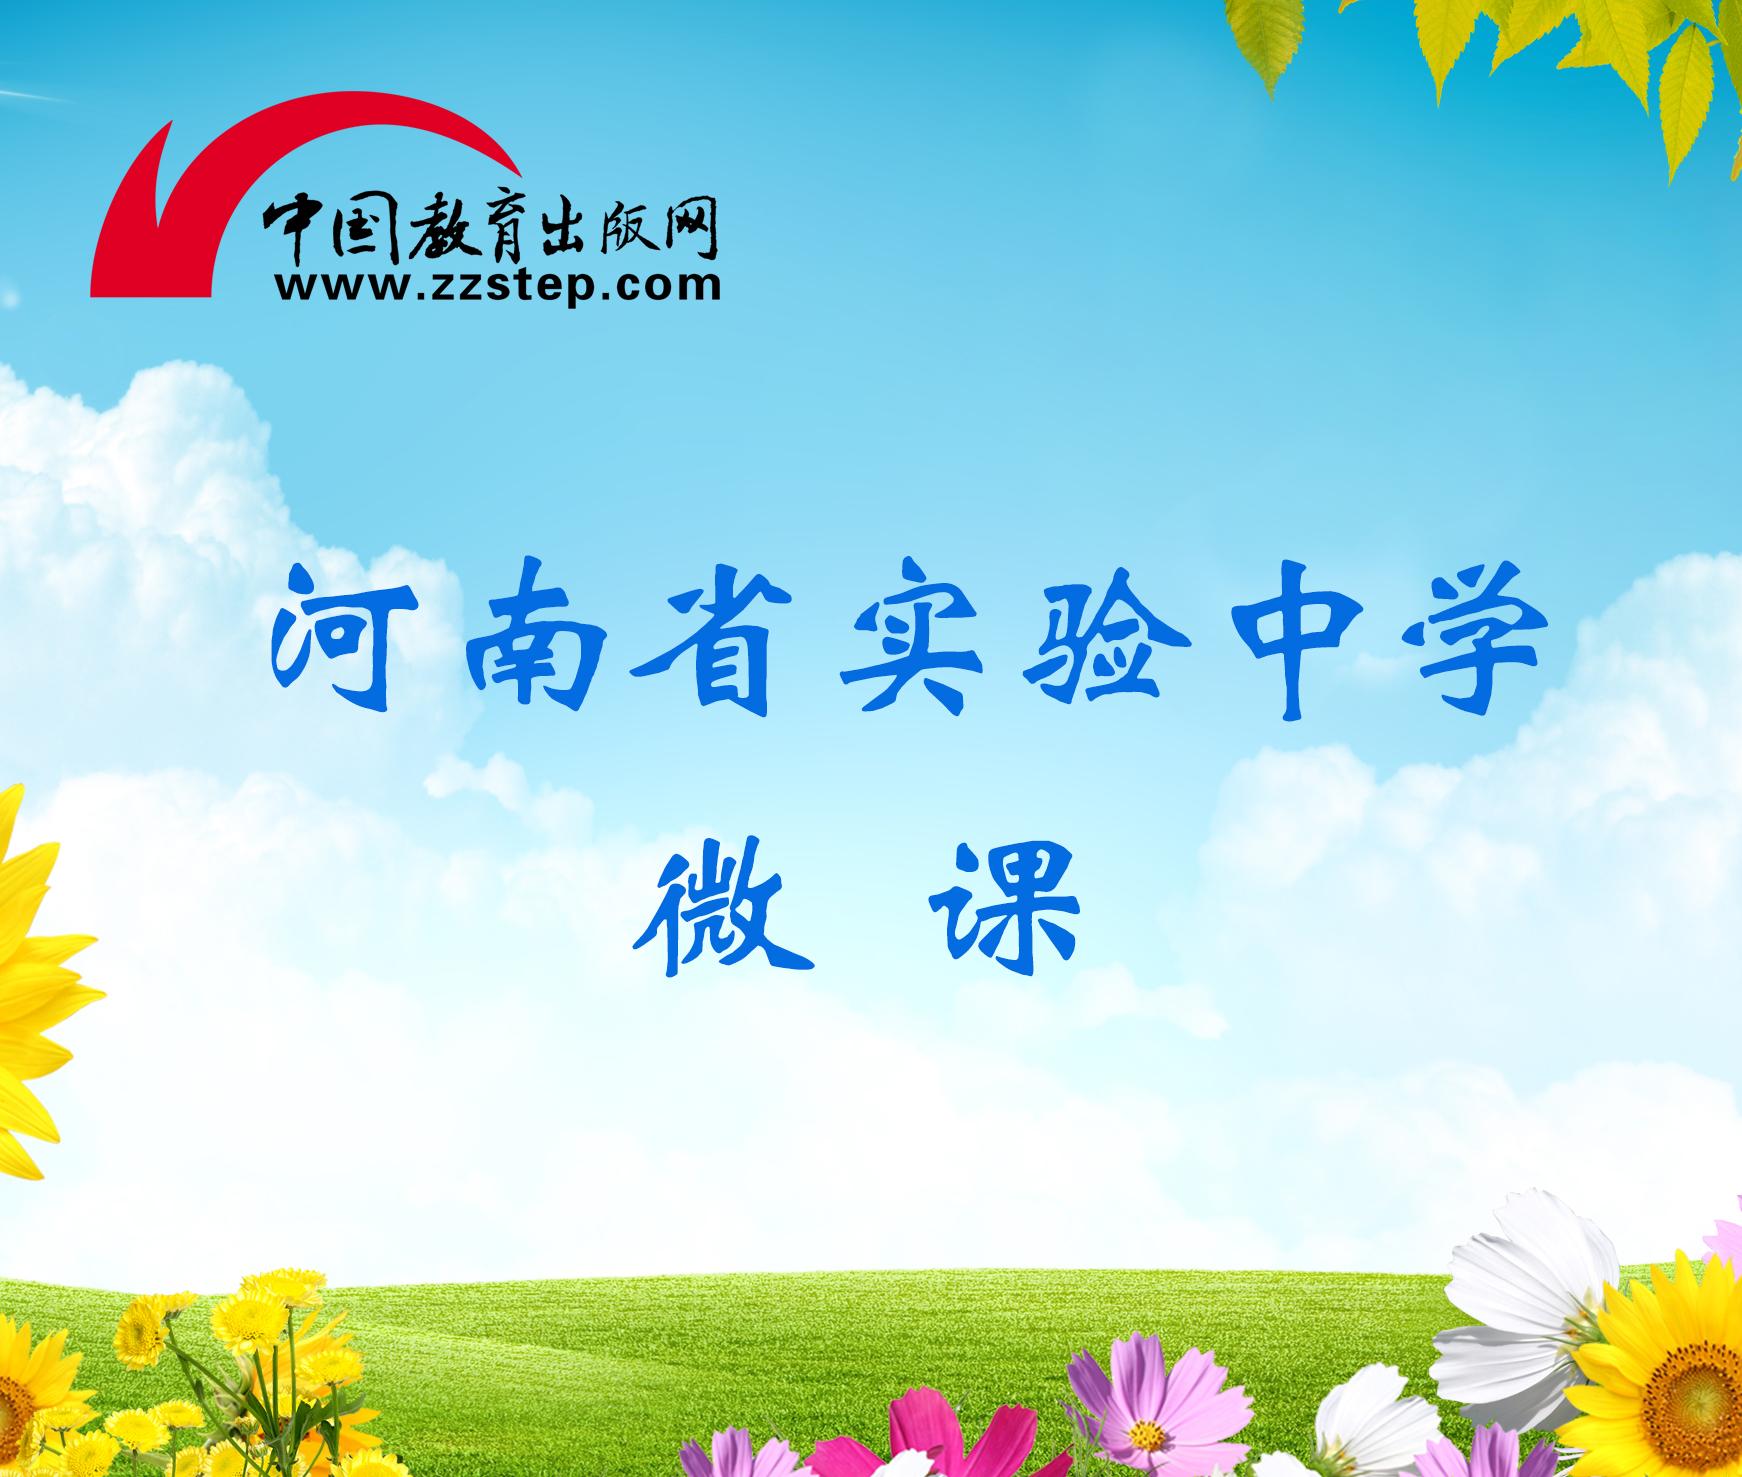 人教版语文高三 解读诗歌的语言(2) 张五群,刘子晗